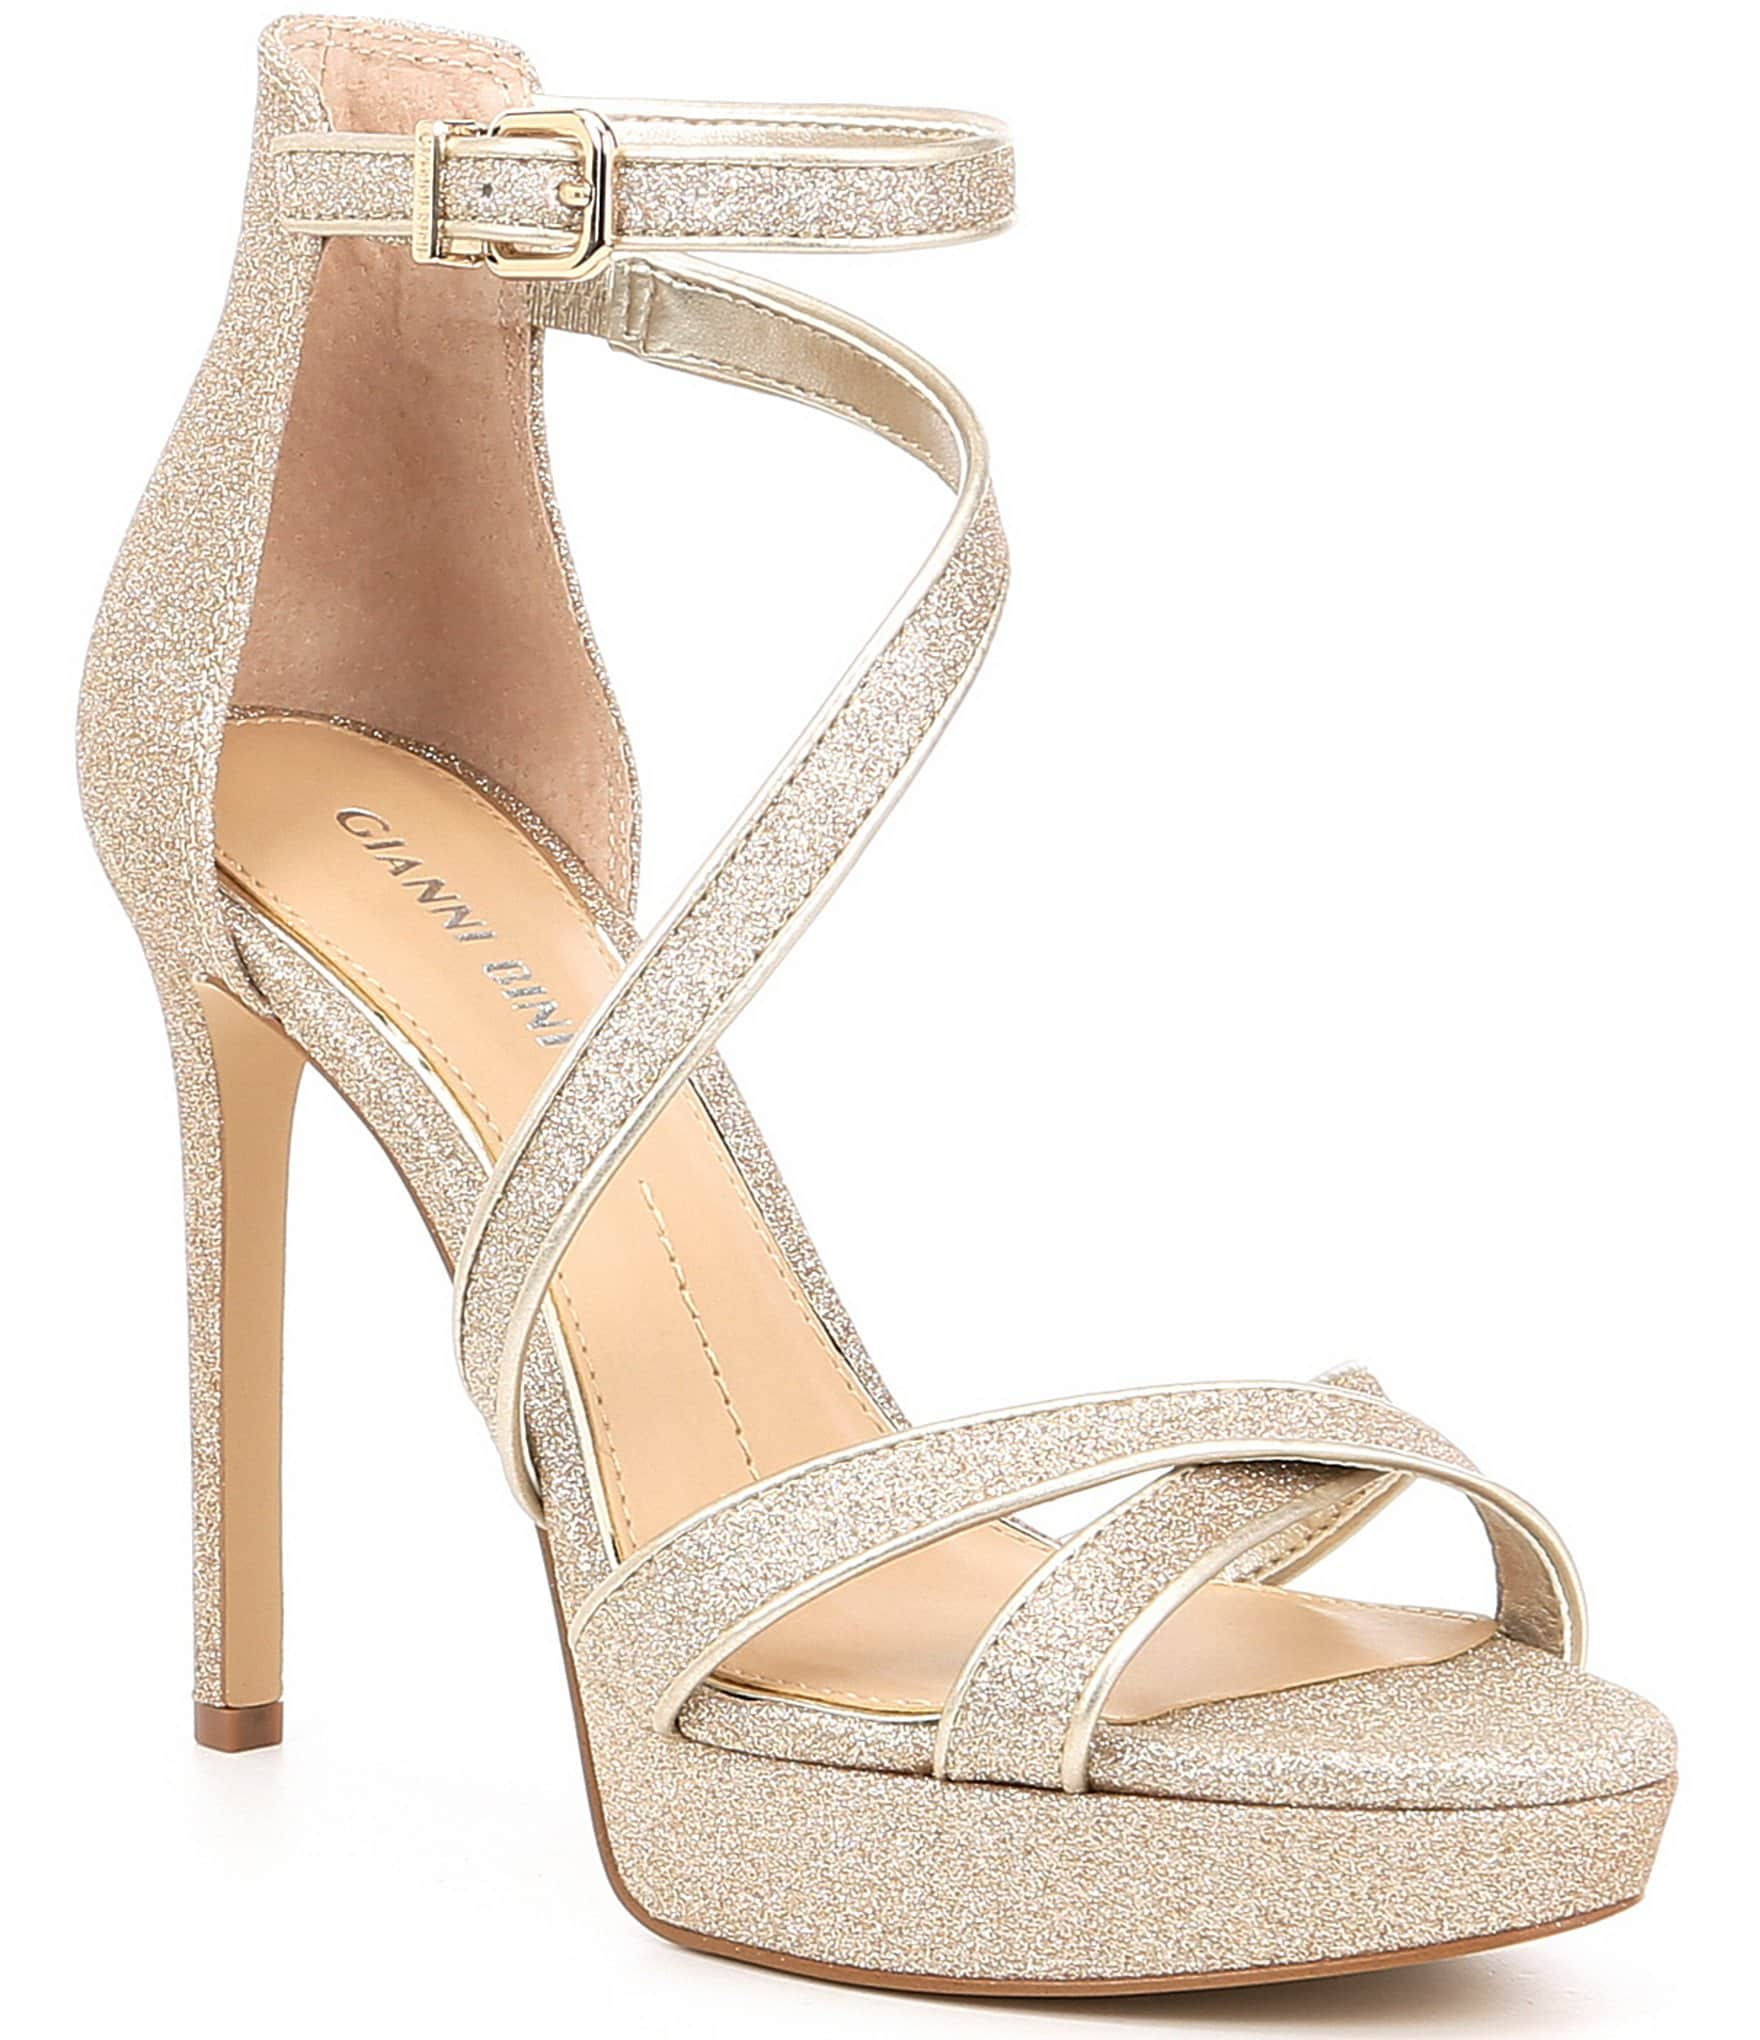 769c9ba98d0 Gianni Bini Women s Sandals